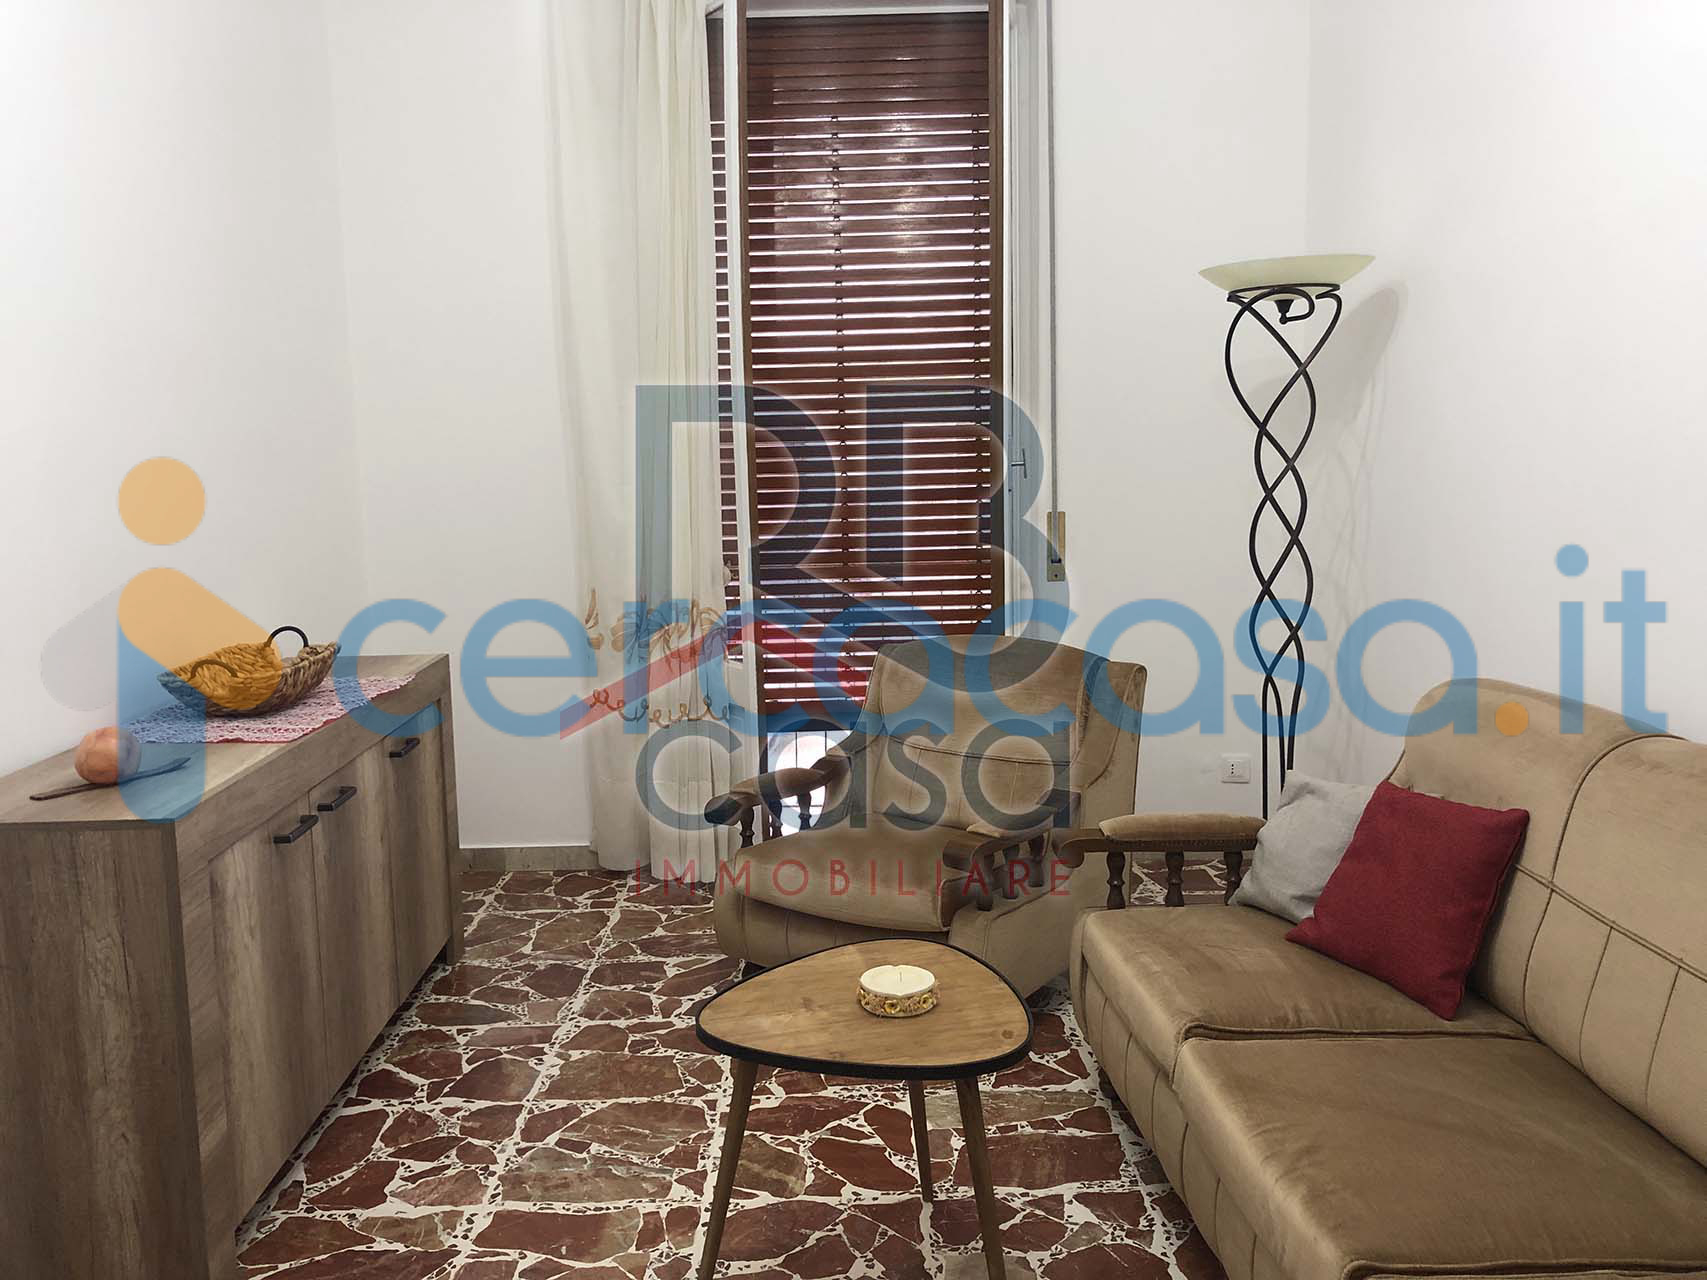 _vendesi-appartamento-al-piano-rialzato-